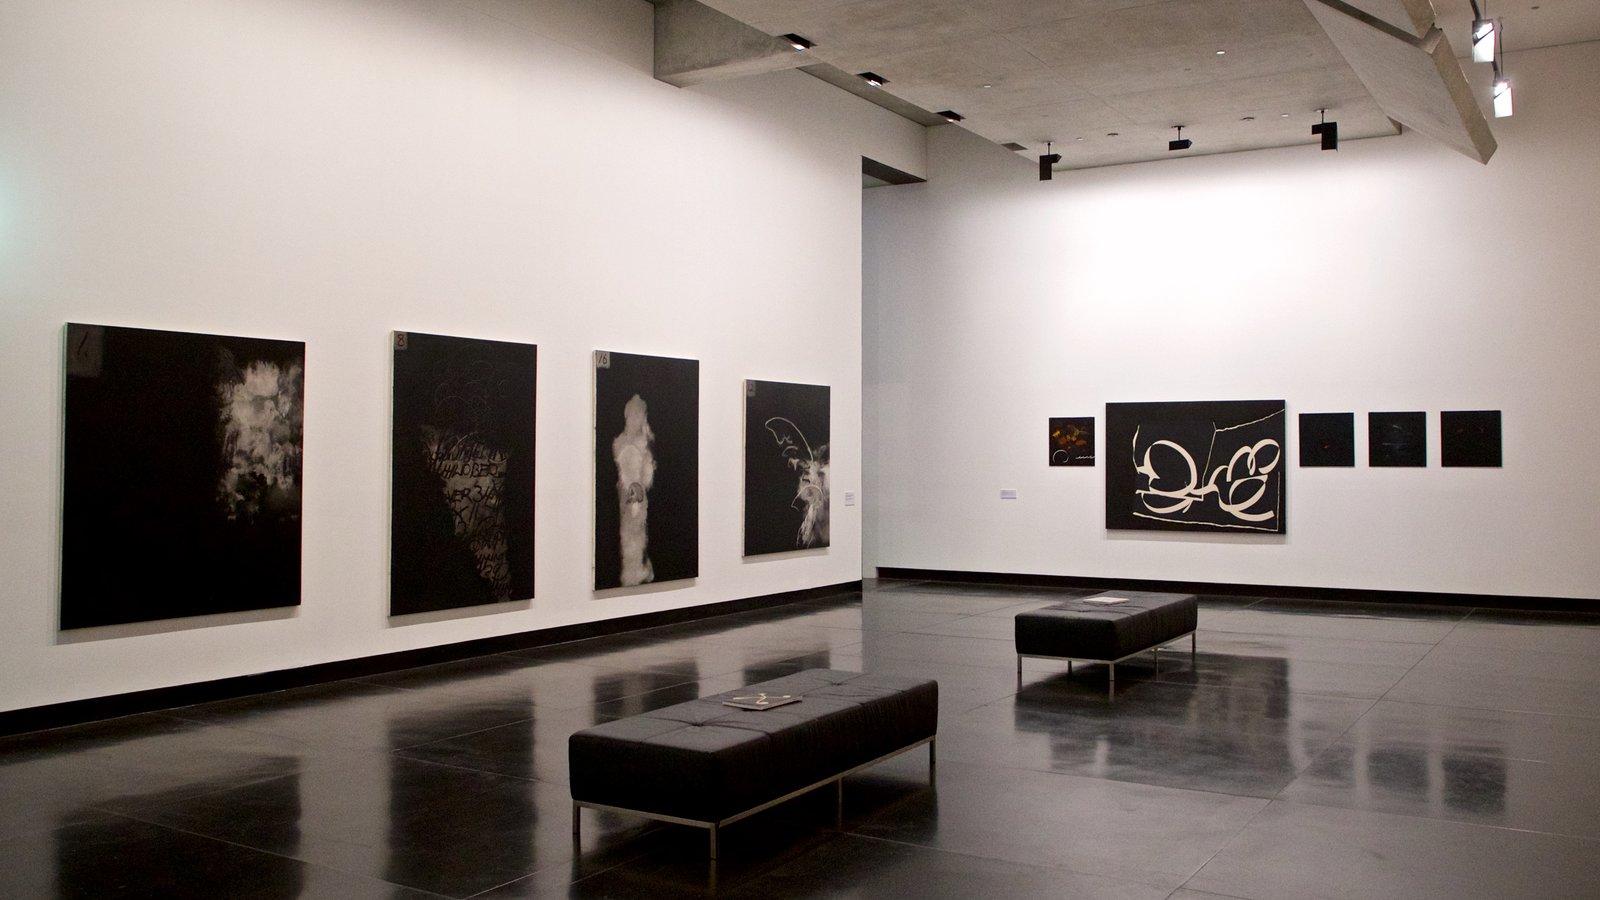 Museo de arte Ian Potter que incluye arte y vistas interiores